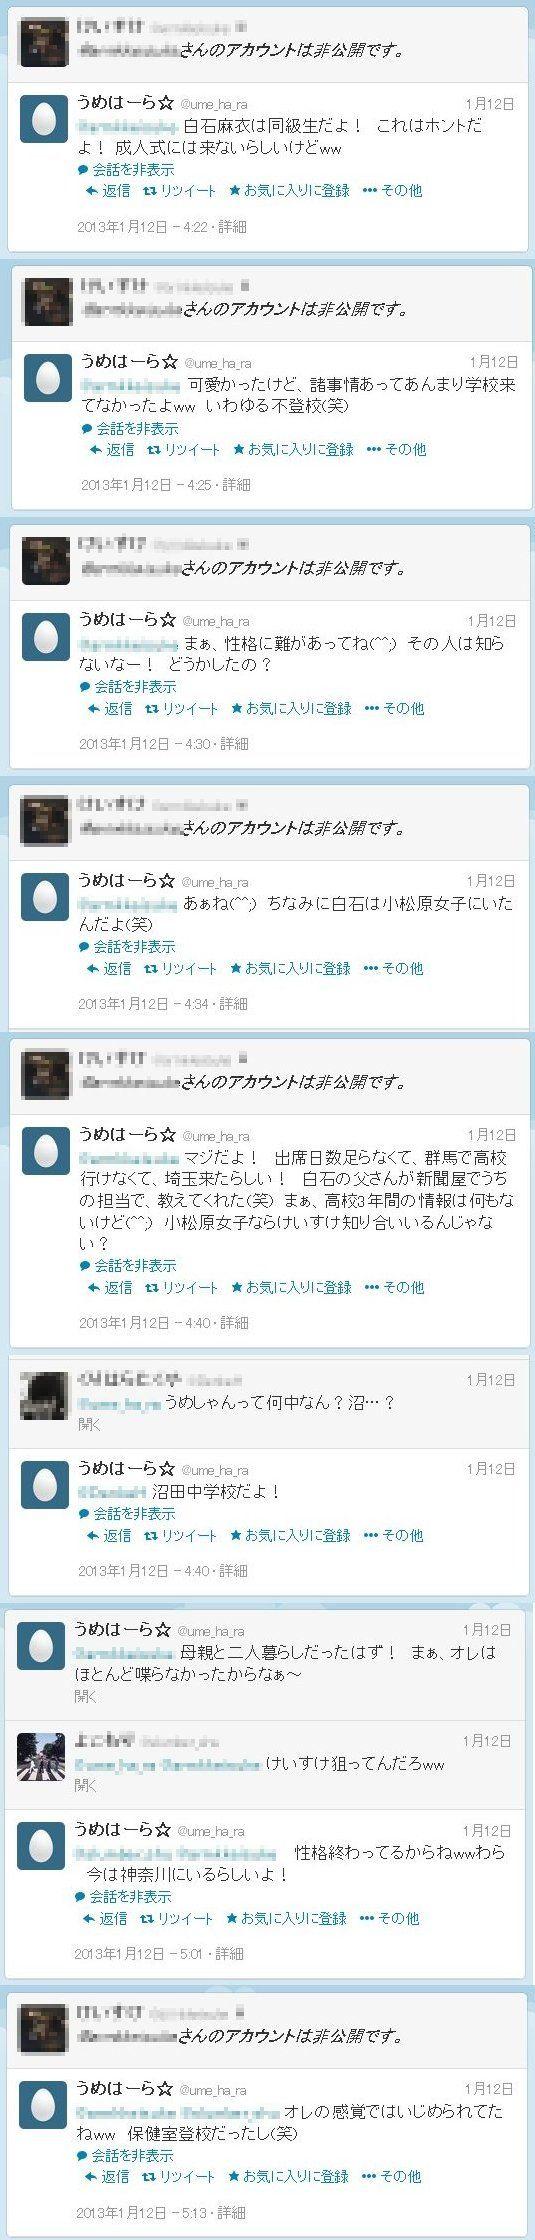 【乃木坂46】白石麻衣のこの情報ってマジ...?(画像あり)